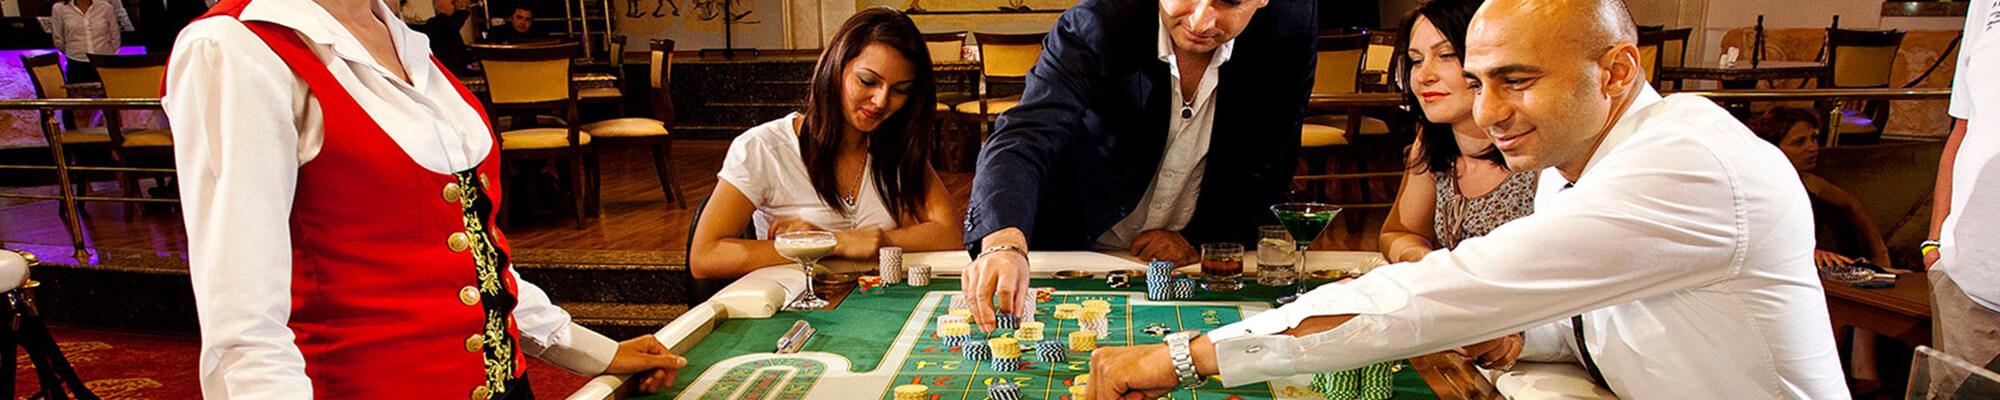 Casino Etiquette 2